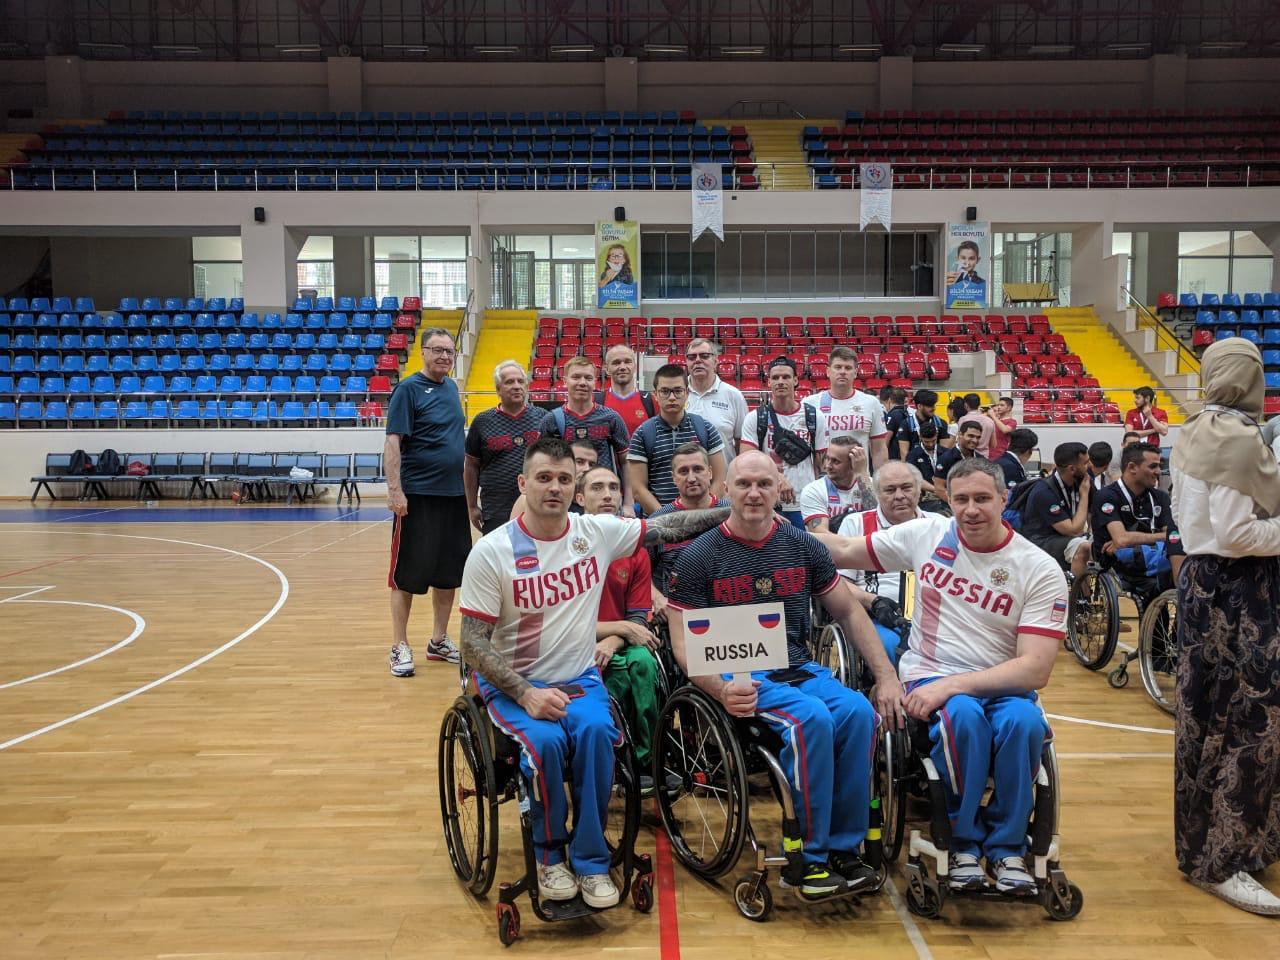 Сборная команда России по баскетболу на колясках в Турции приняла участие в Кубке Стамбула